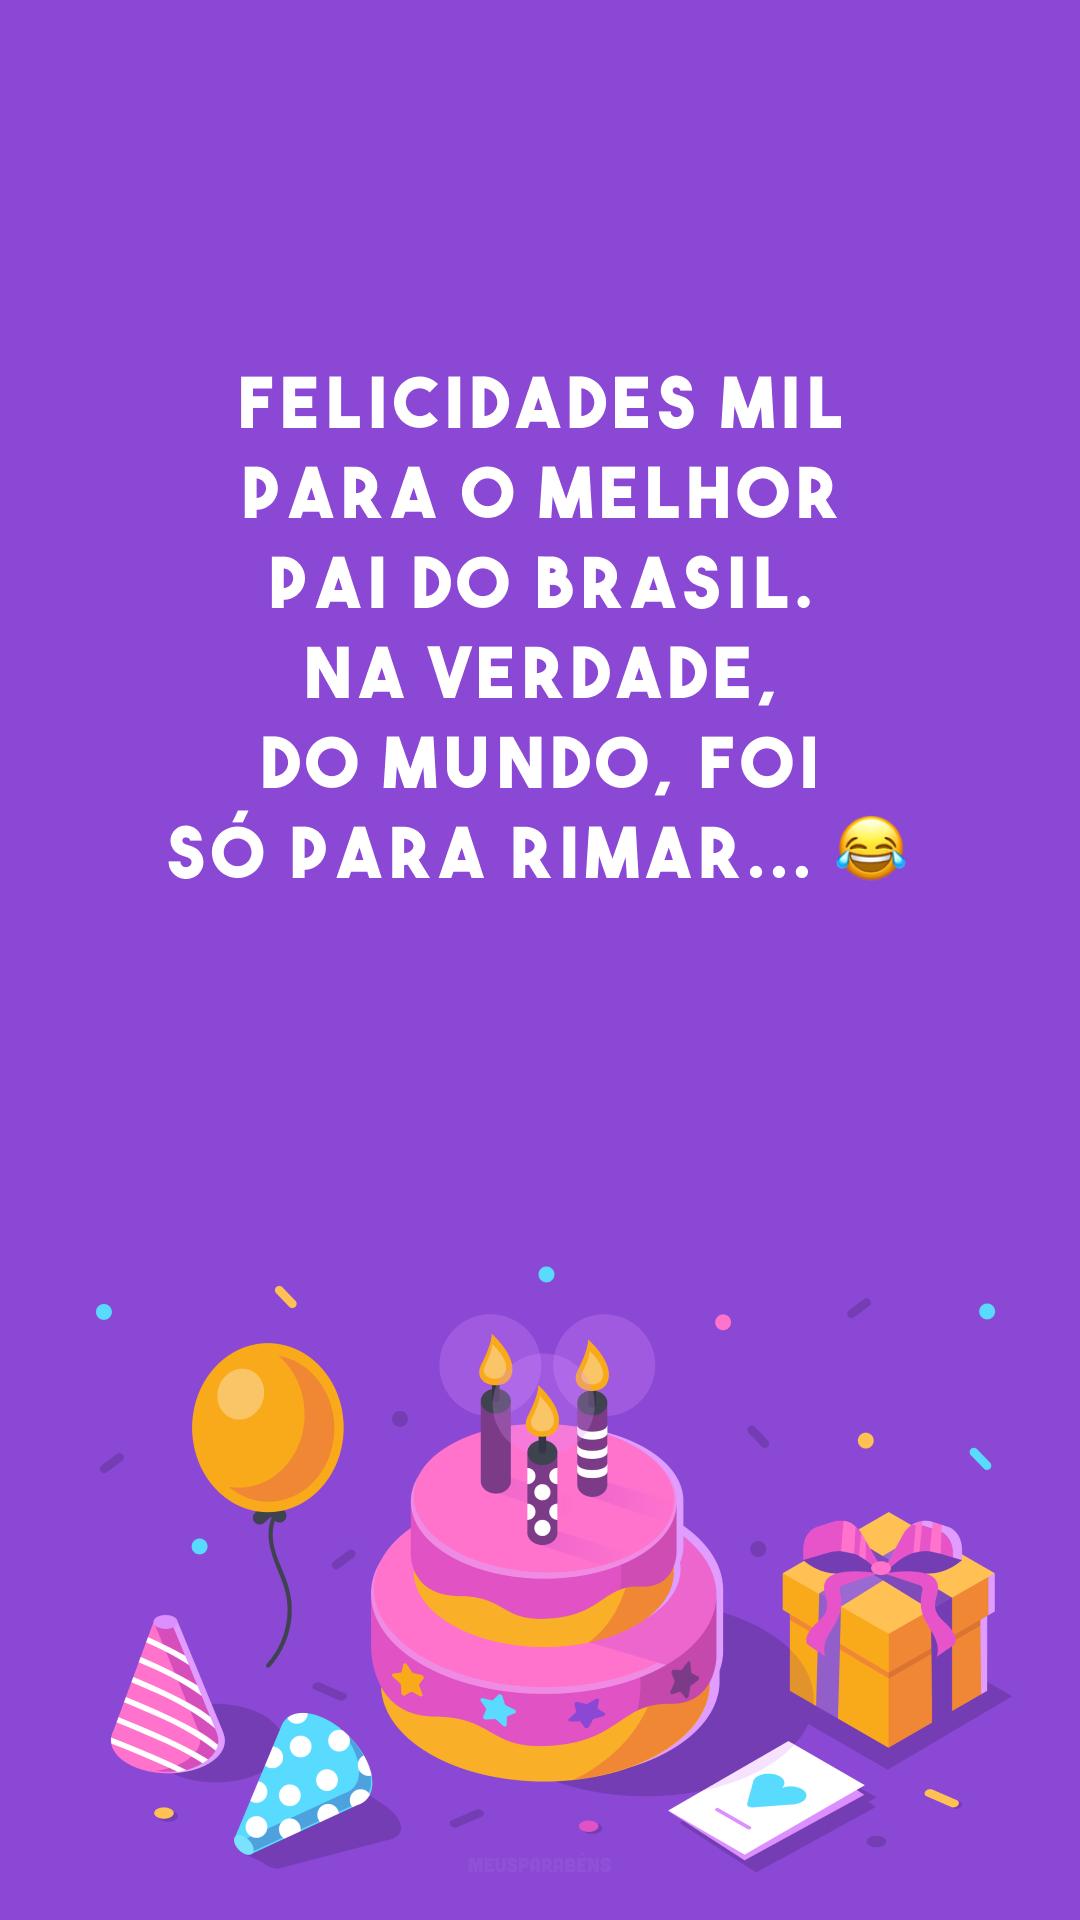 Felicidades mil para o melhor pai do Brasil. Na verdade, do mundo, foi só para rimar... ?